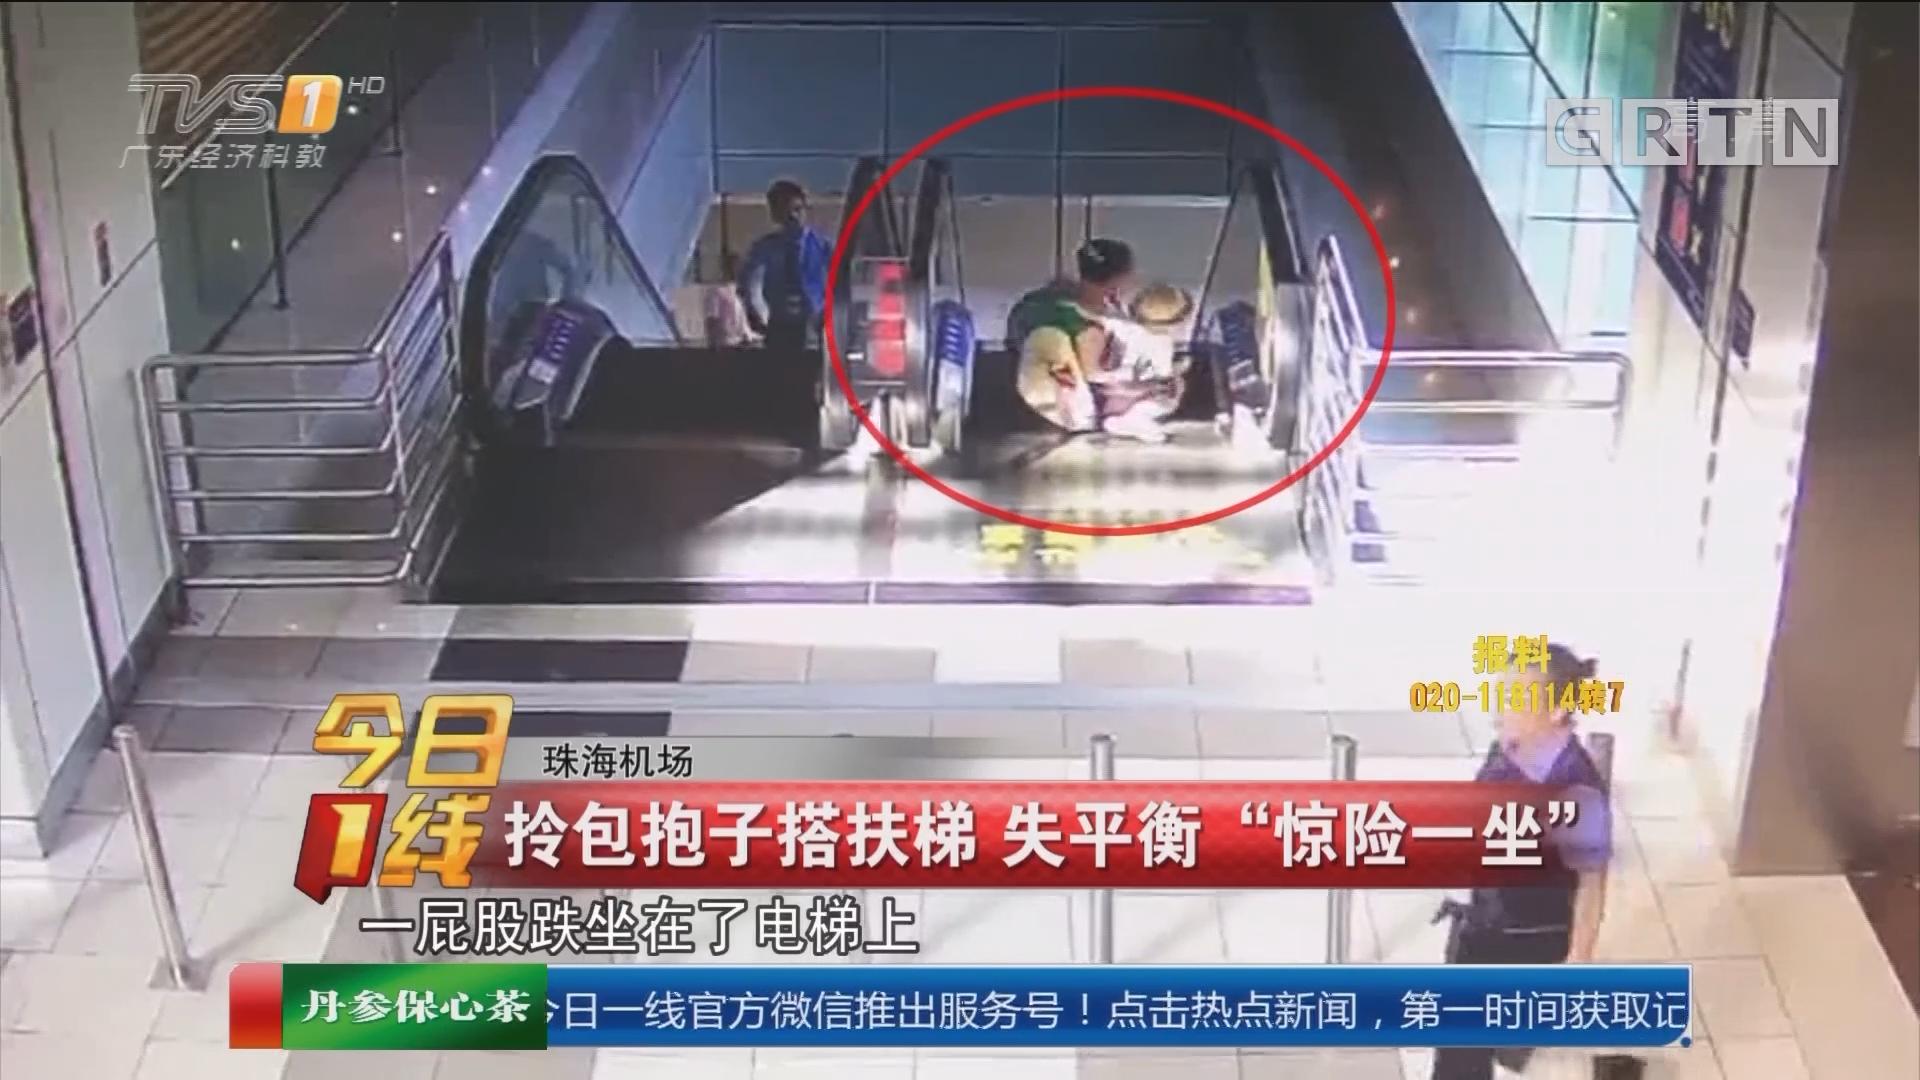 """珠海机场:拎包抱子搭扶梯 失平衡""""惊险一坐"""""""